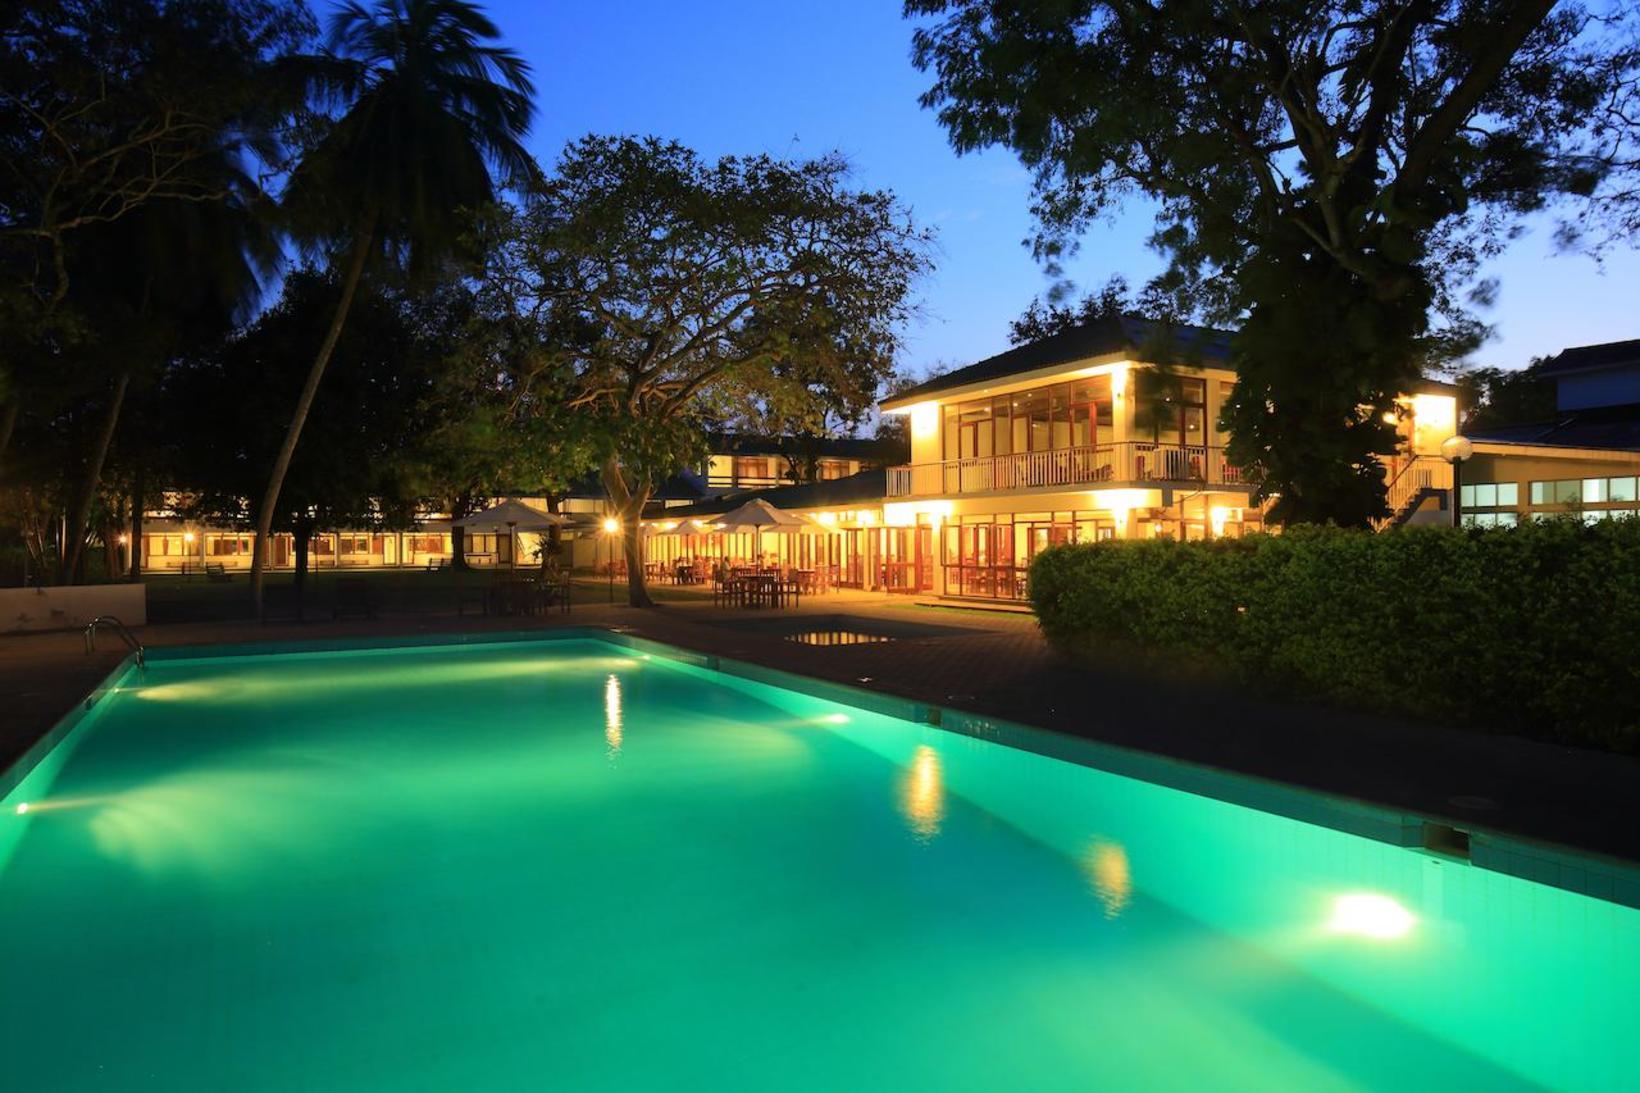 The Lakeside at Nuwarawewa, Anuradhapura